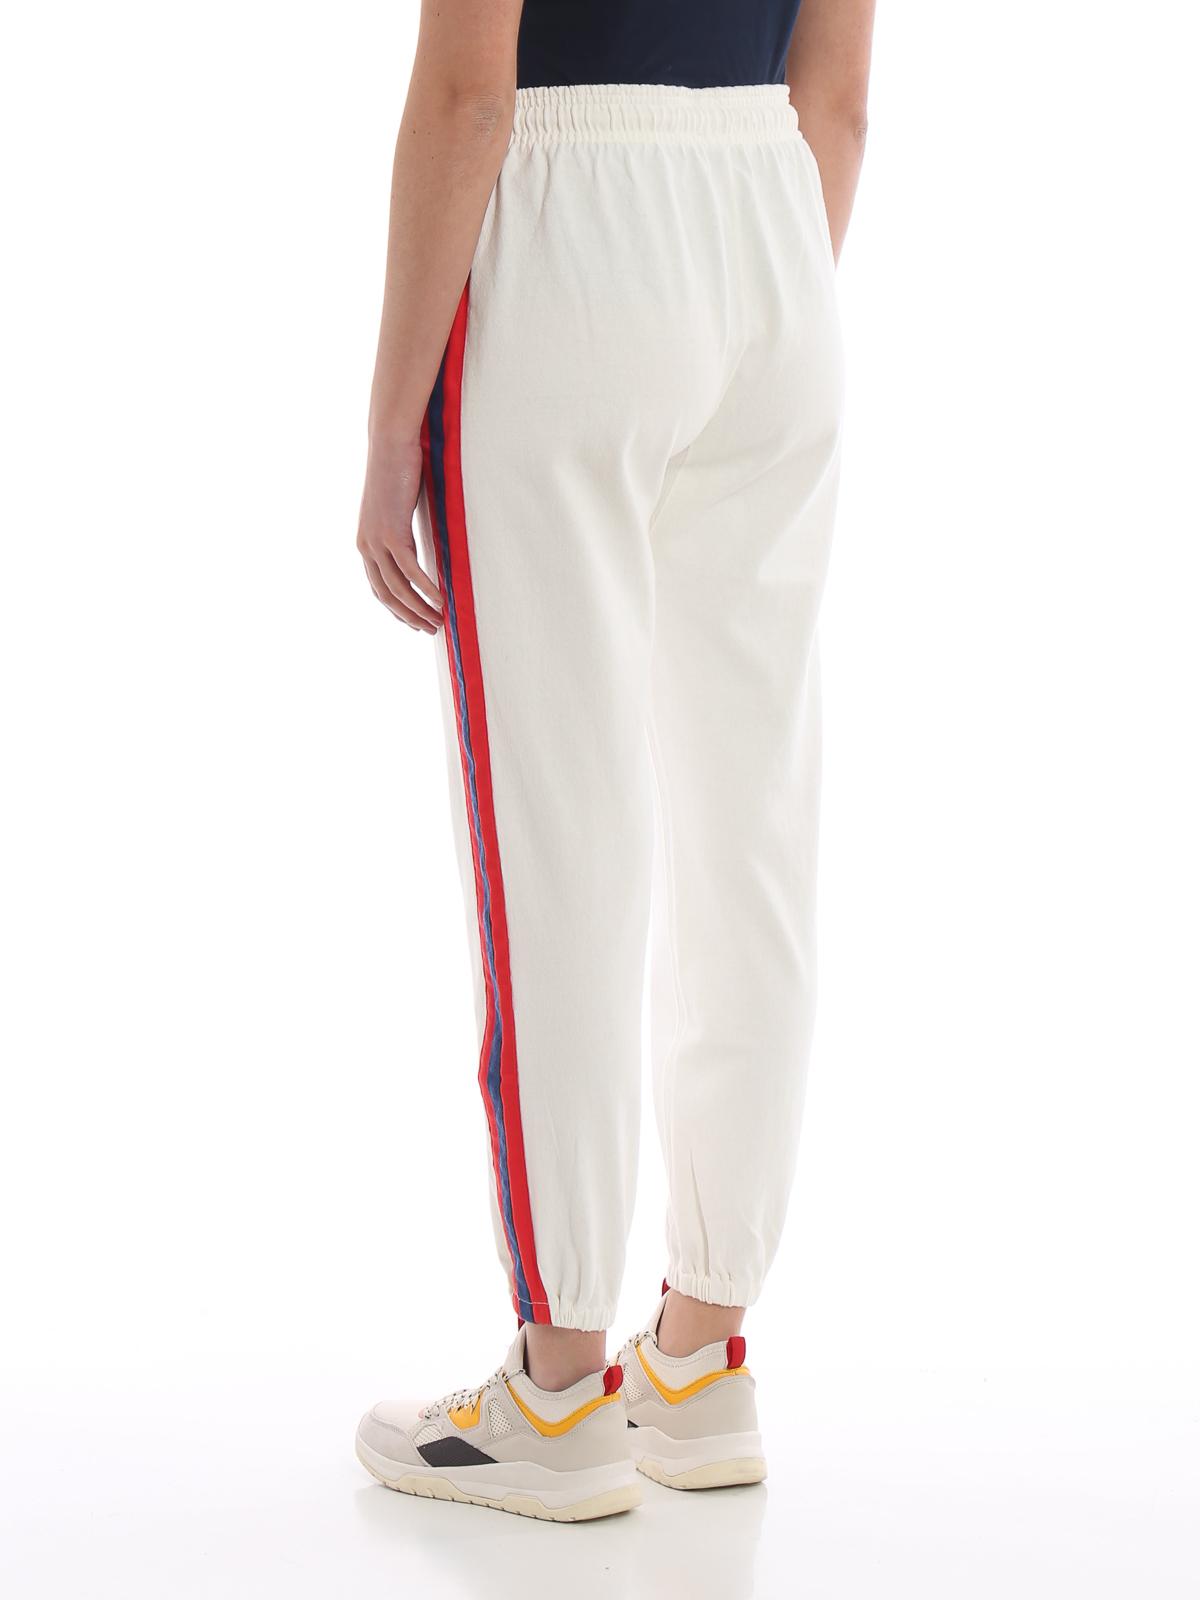 detailed look 1cc7c c6507 Polo Ralph Lauren - Pantaloni da tuta in cotone bianco con ...